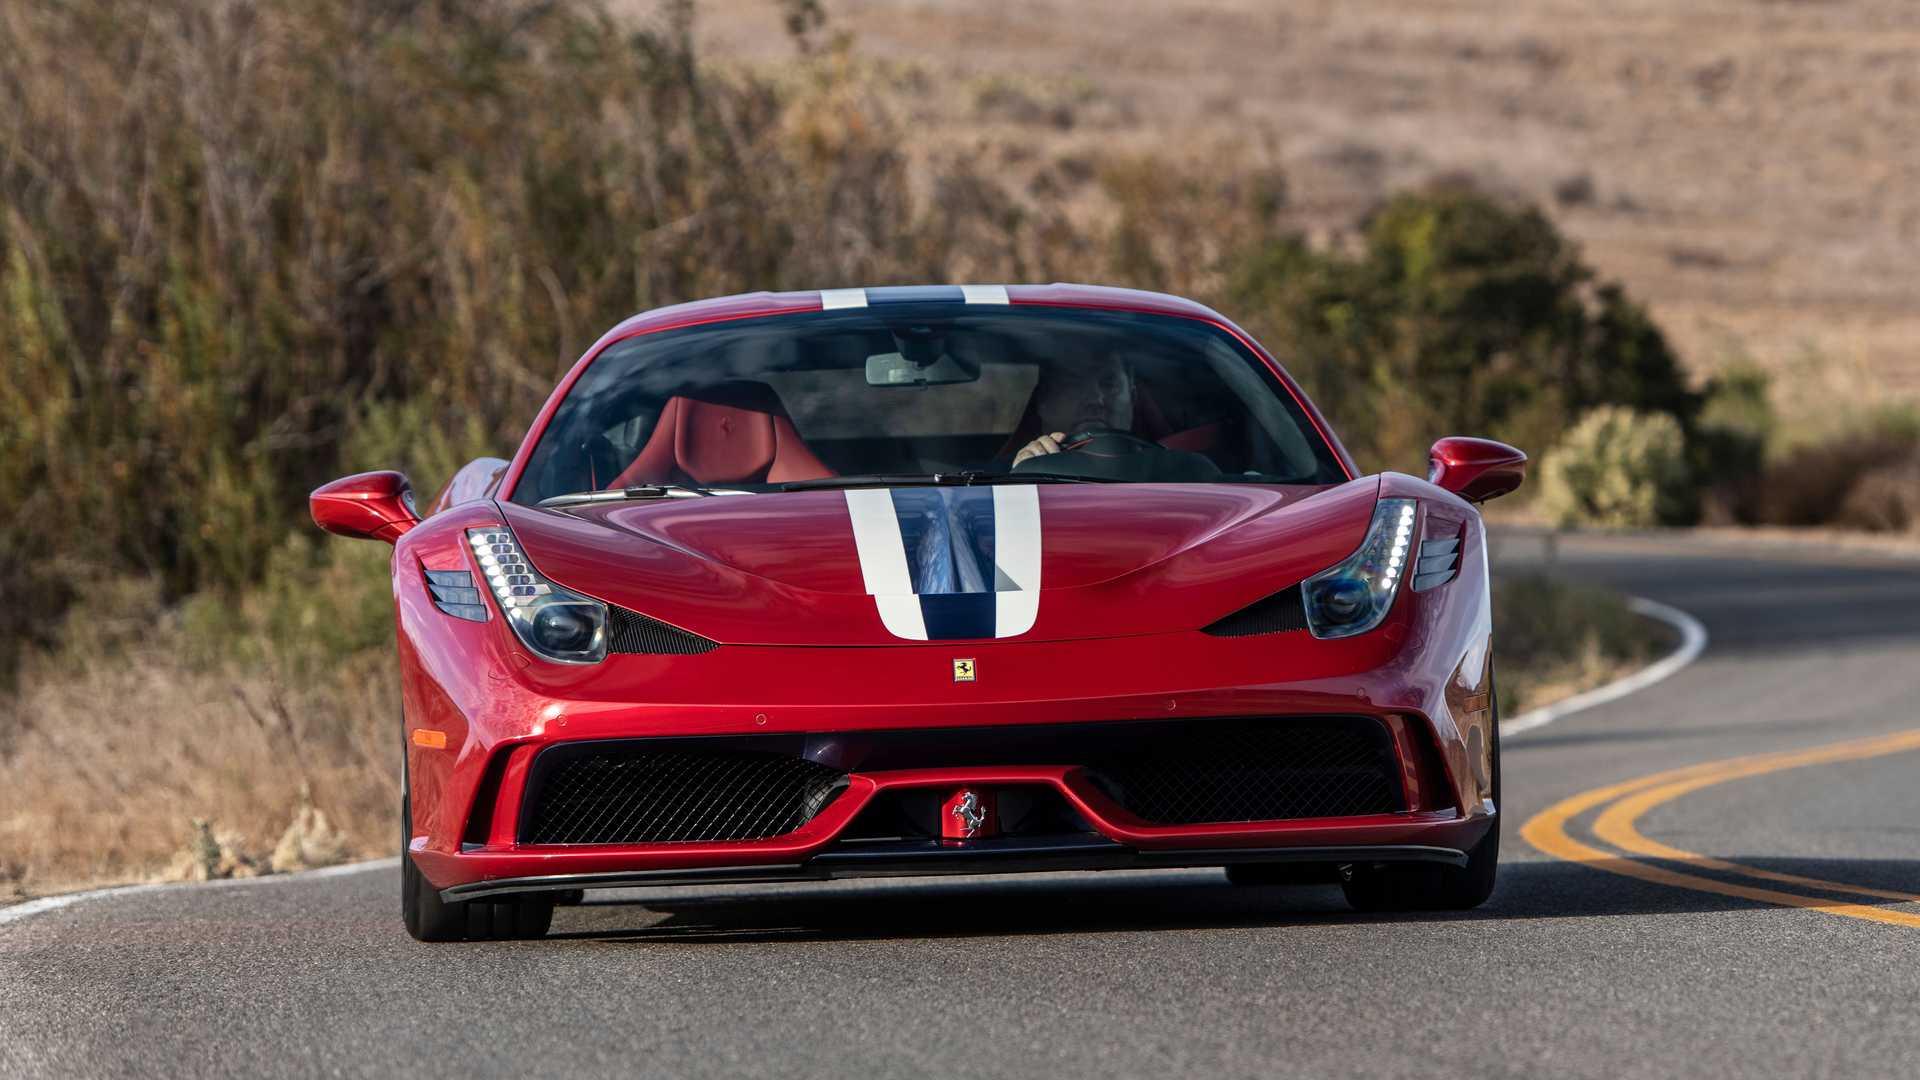 Компания AddArmor (Джексон, штат Вайоминг) уже давно бронирует автомобили (см. видео), но теперь американцы представили один из самых необычных броневиков: за основу взят суперкар Ferrari 458 Speciale.